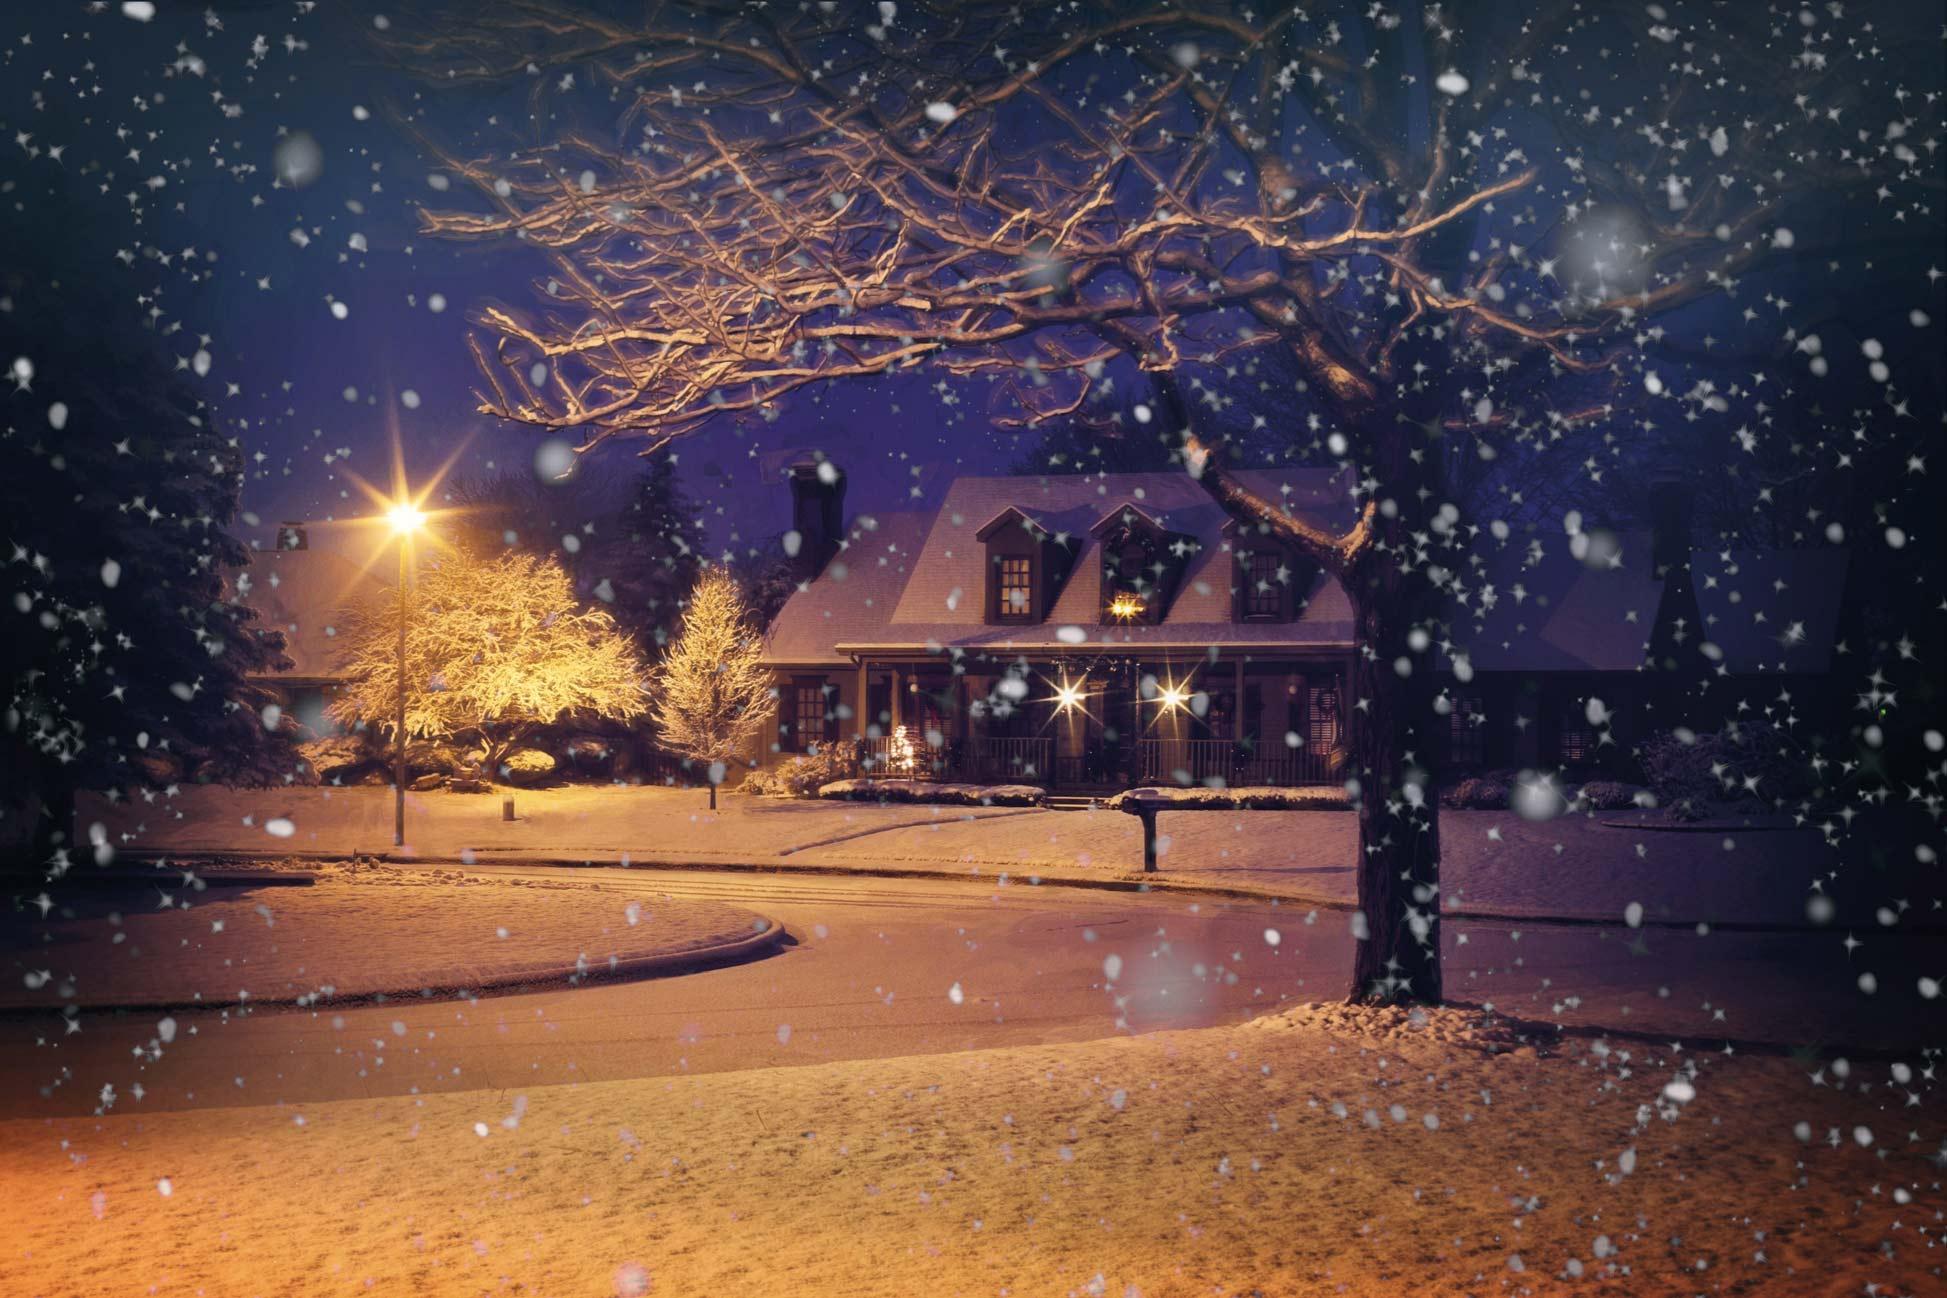 """""""Unsere heutige Sicht auf den Winter ist der Blick aus dem Fenster eines behaglich beheizten Raumes."""" (Adam Gopnik)© www.pixabay.com"""